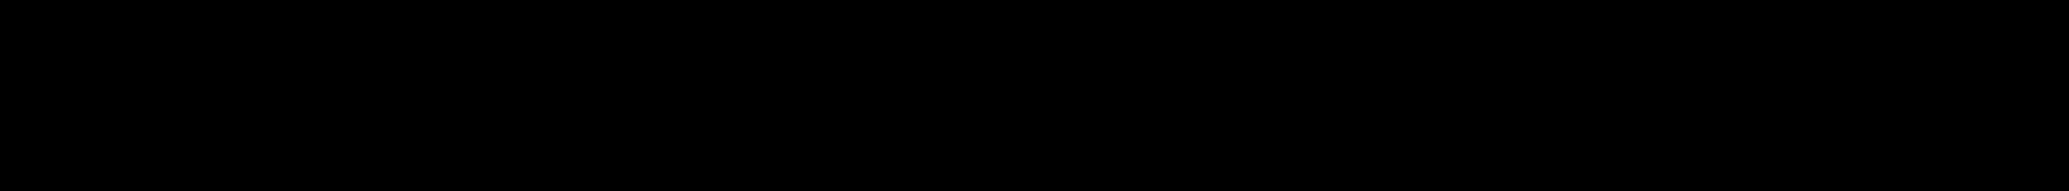 Design System C 900R